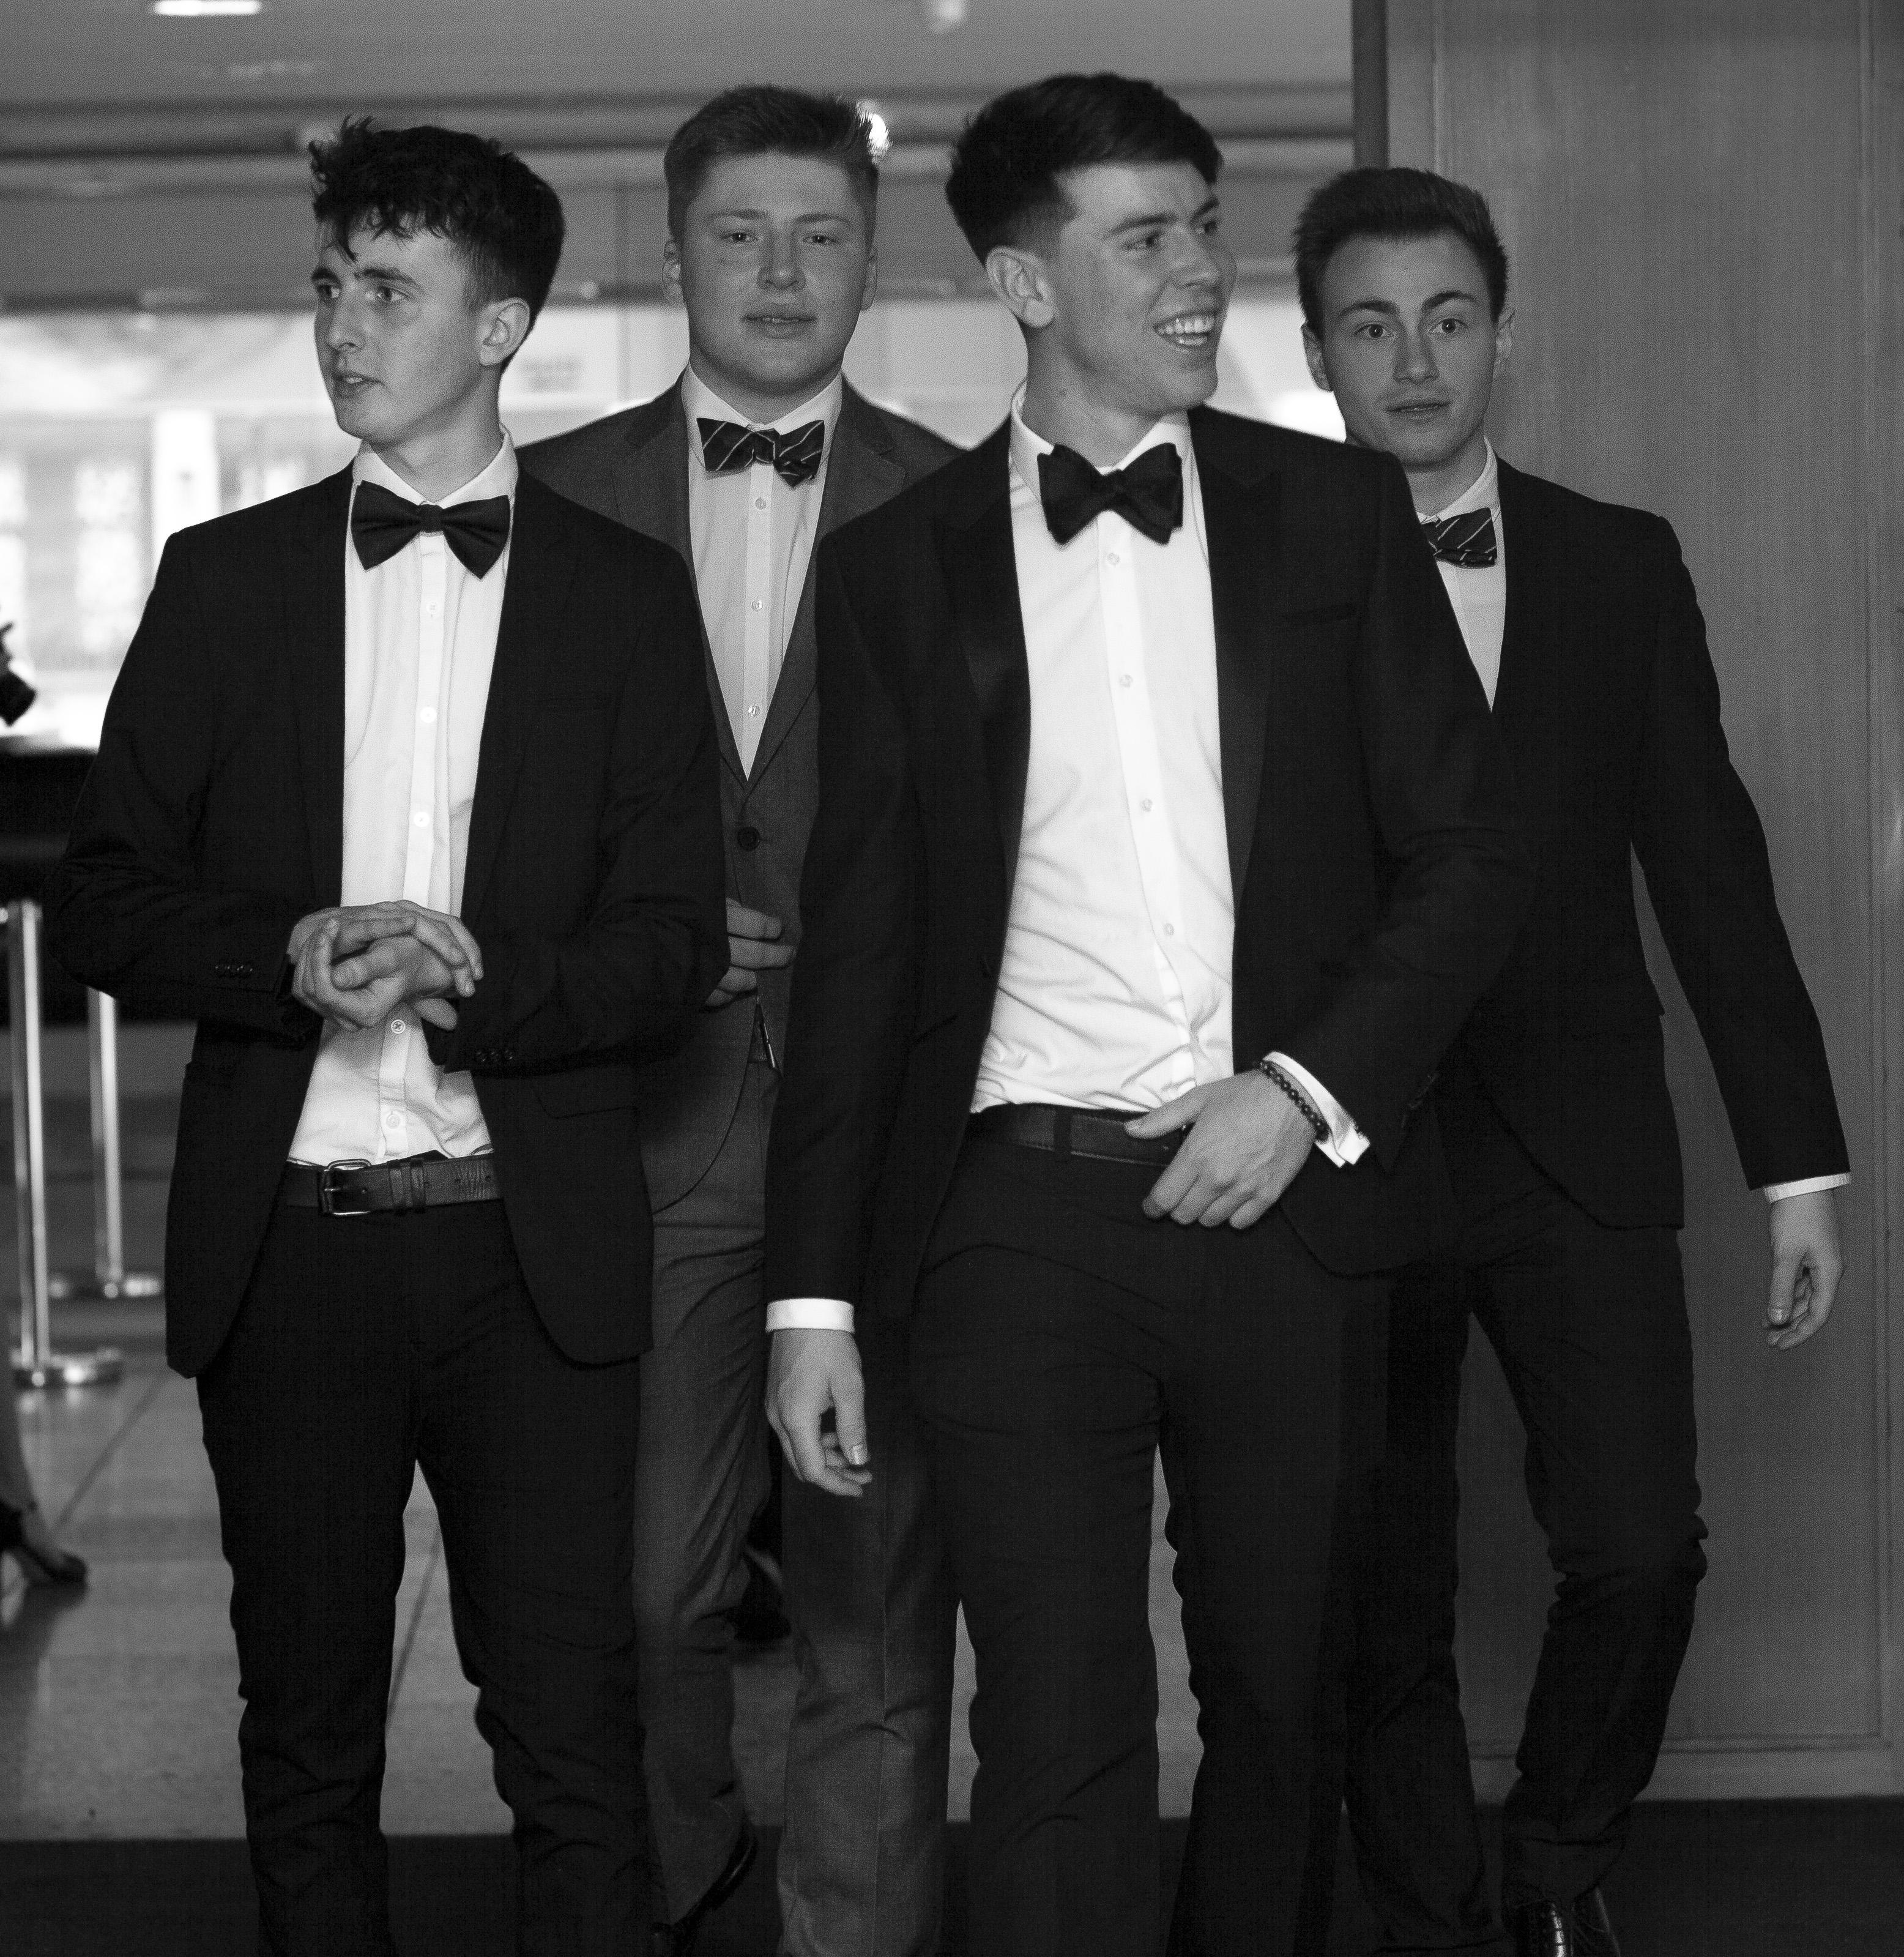 Leeds University Charity Ball